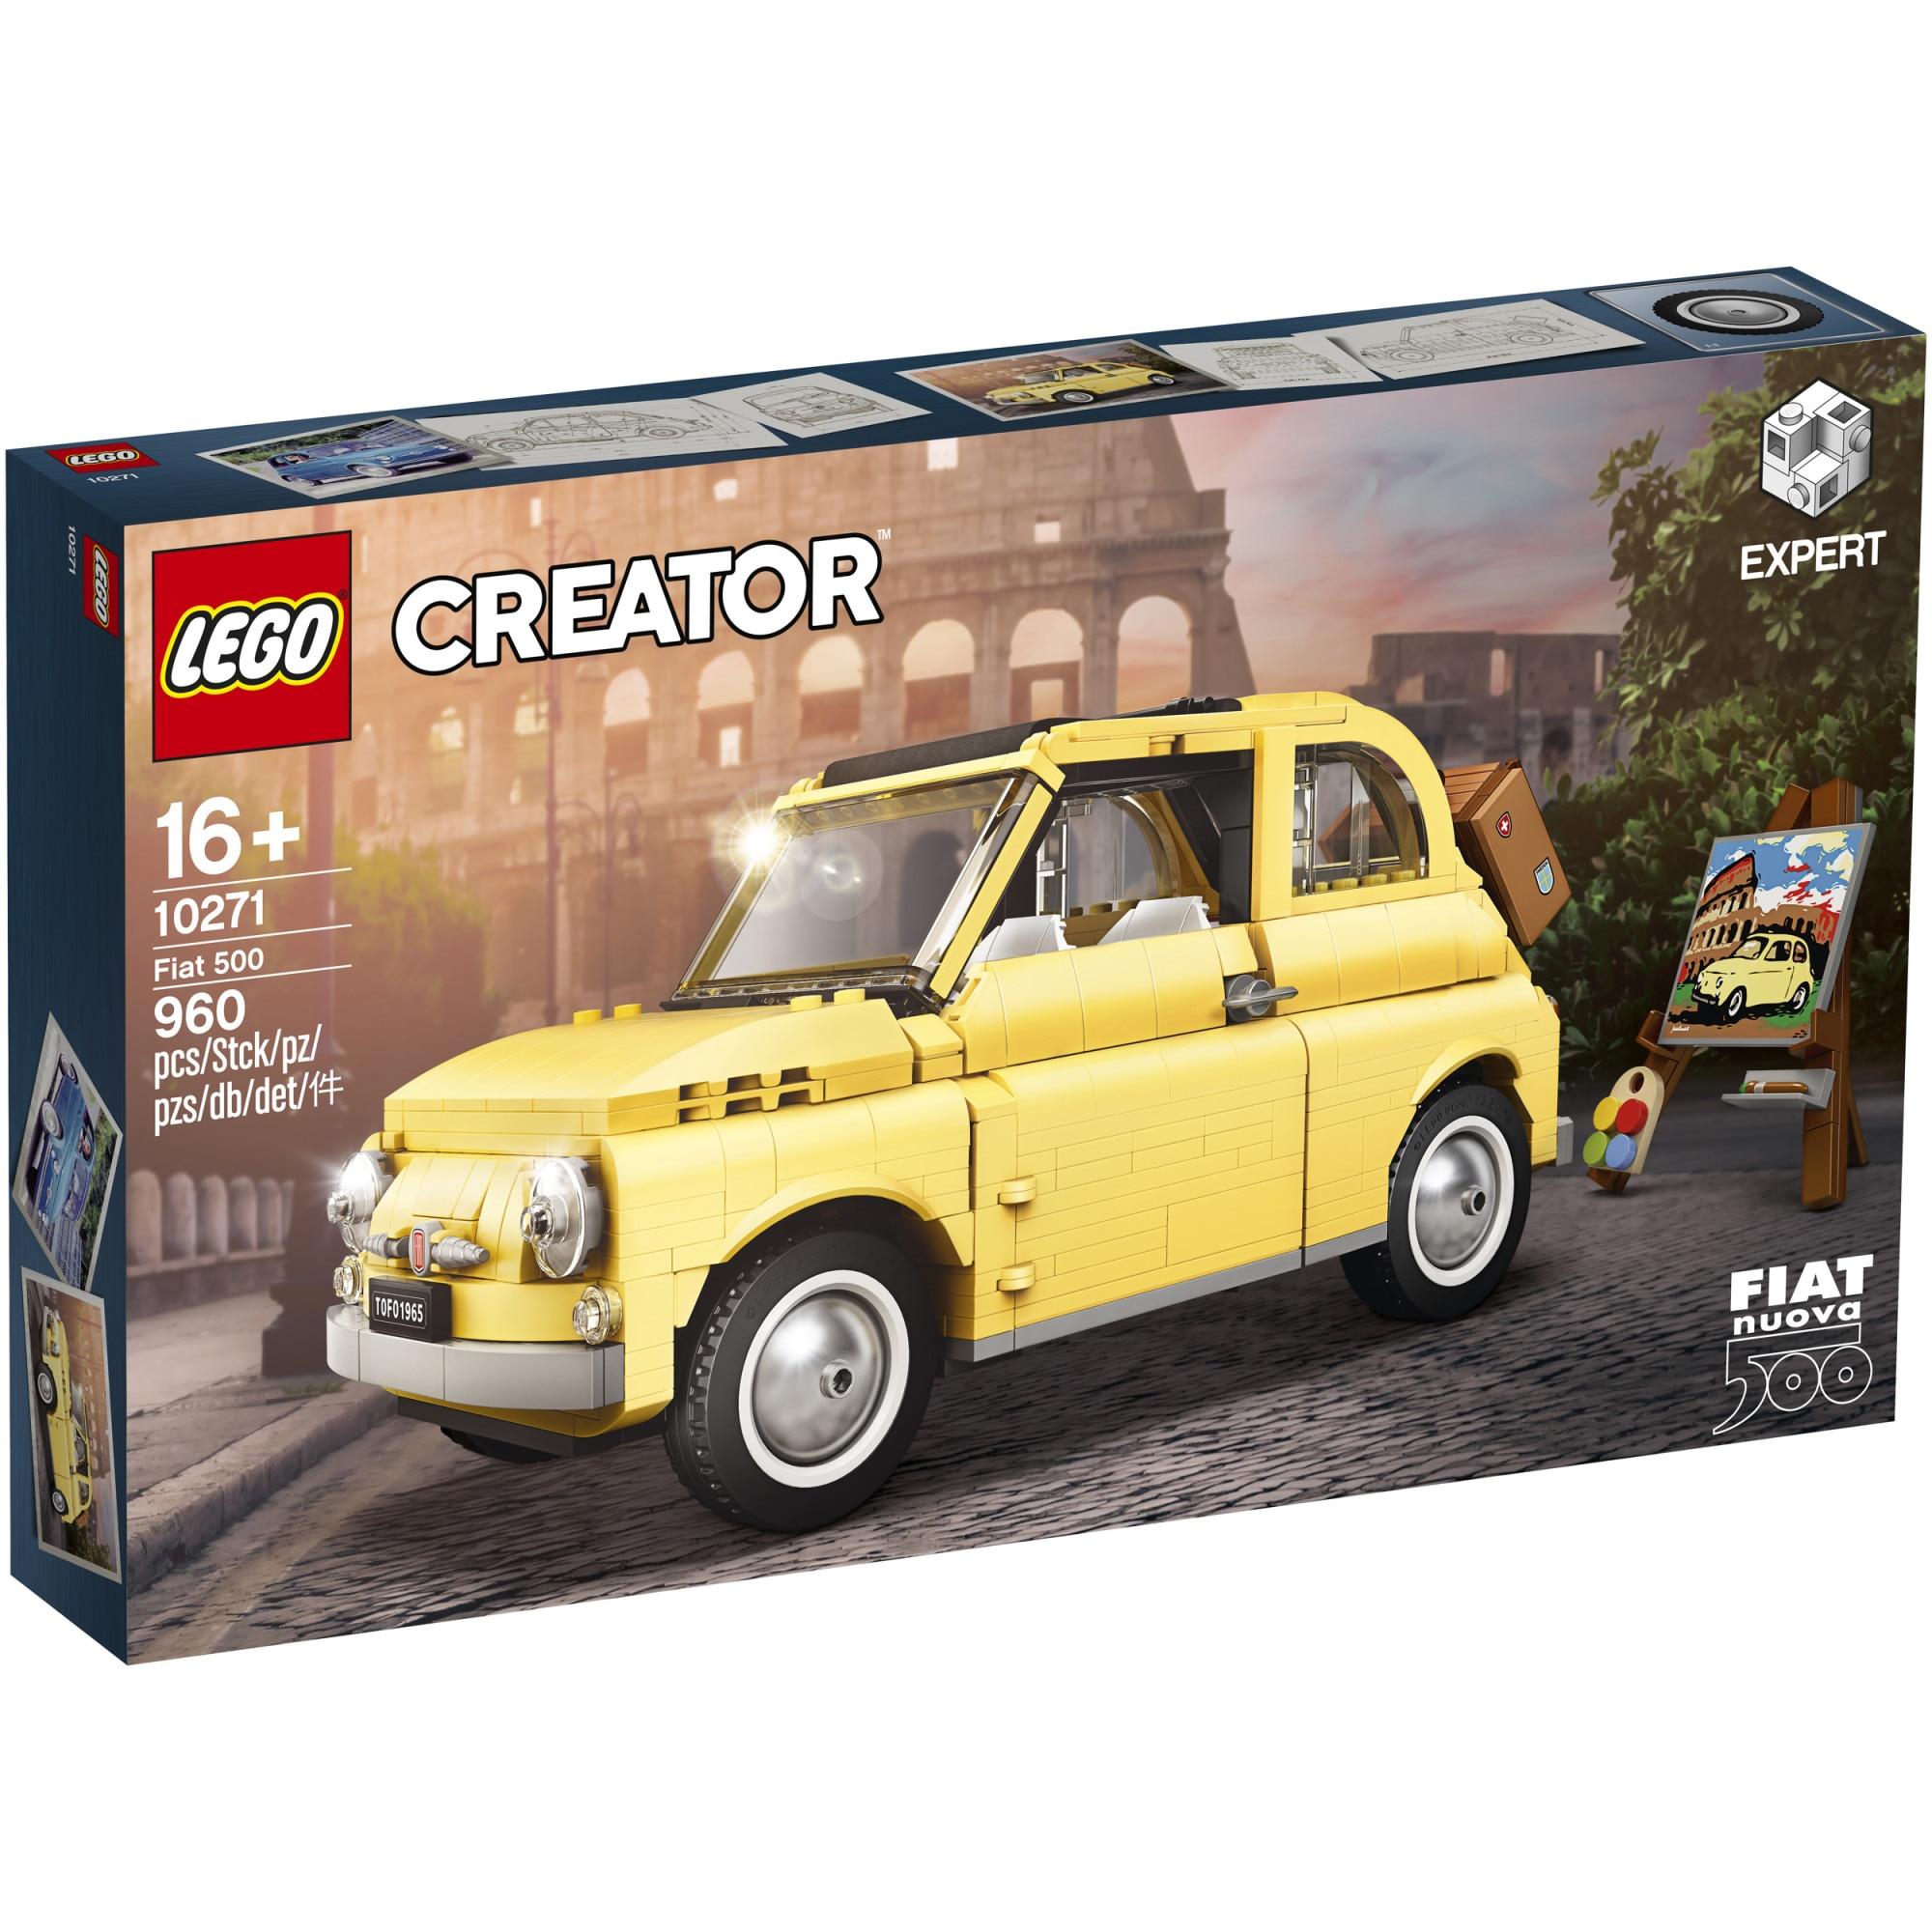 Fotografie LEGO Creator Expert - Fiat 500 10271